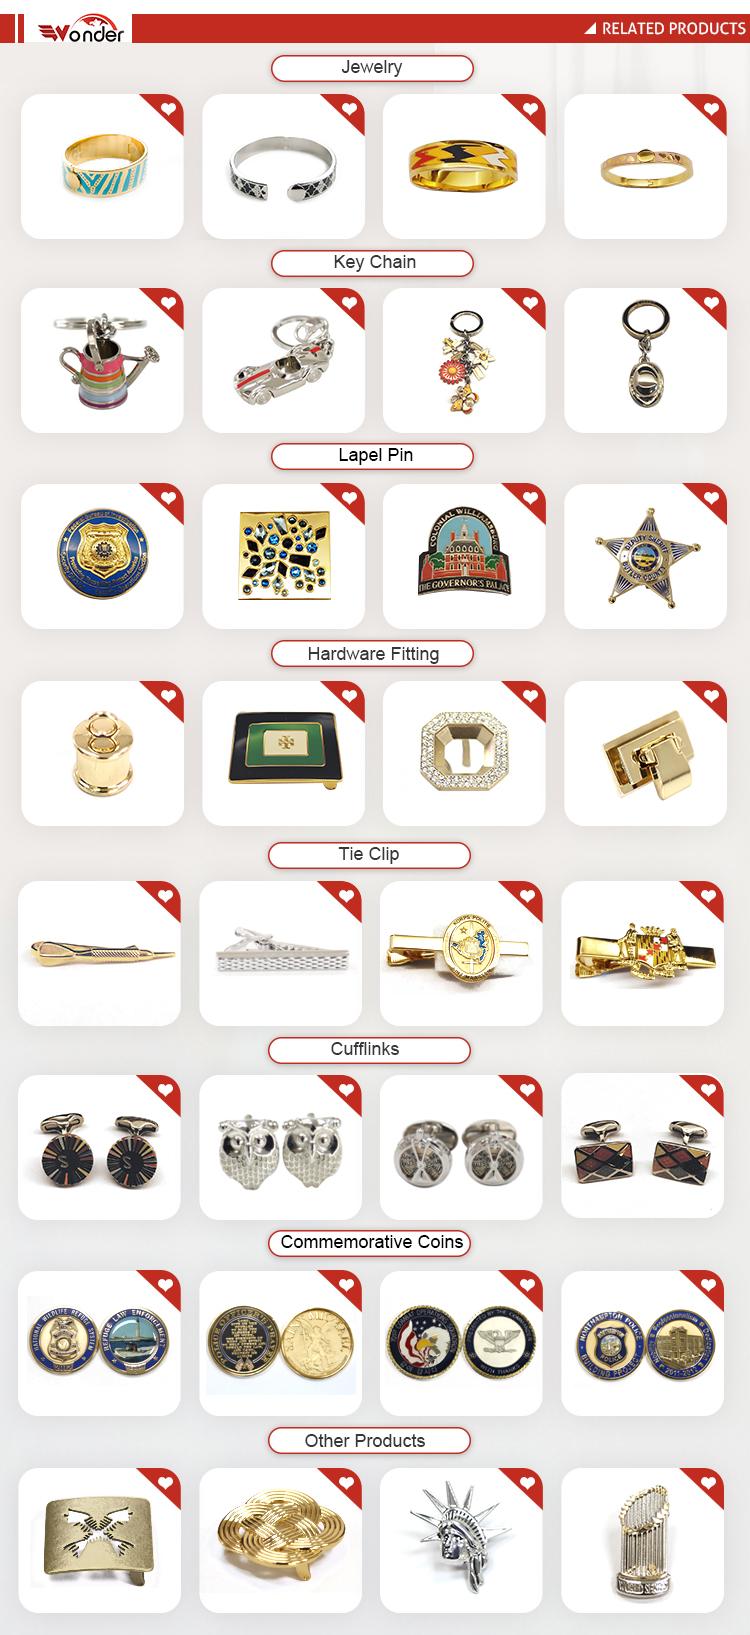 ชุบทองกระเป๋าอุปกรณ์เสริม, กระเป๋าที่กำหนดเองฮาร์ดแวร์สำหรับกระเป๋า